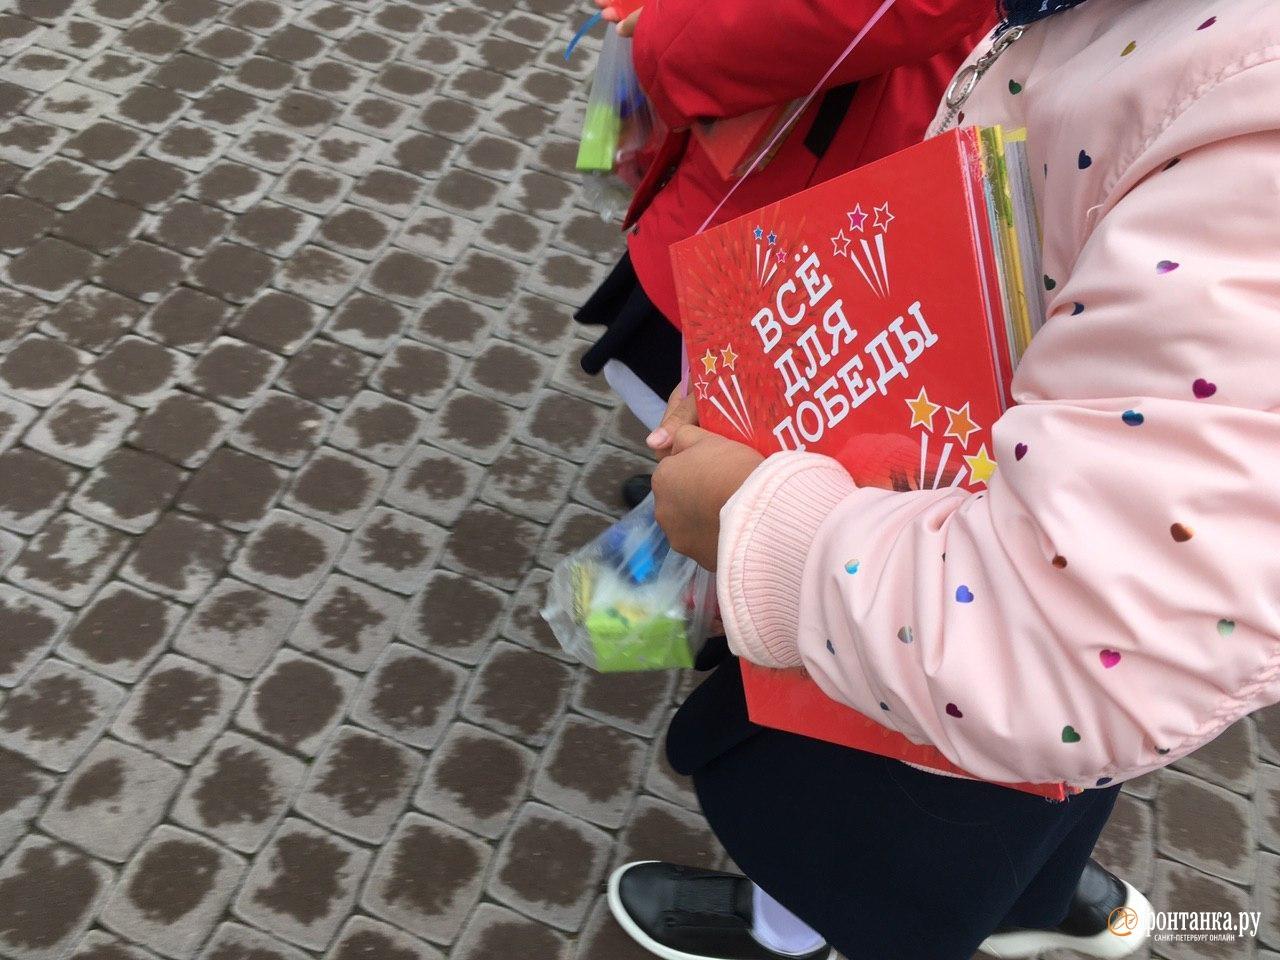 Детям выдали такие вот книжки.